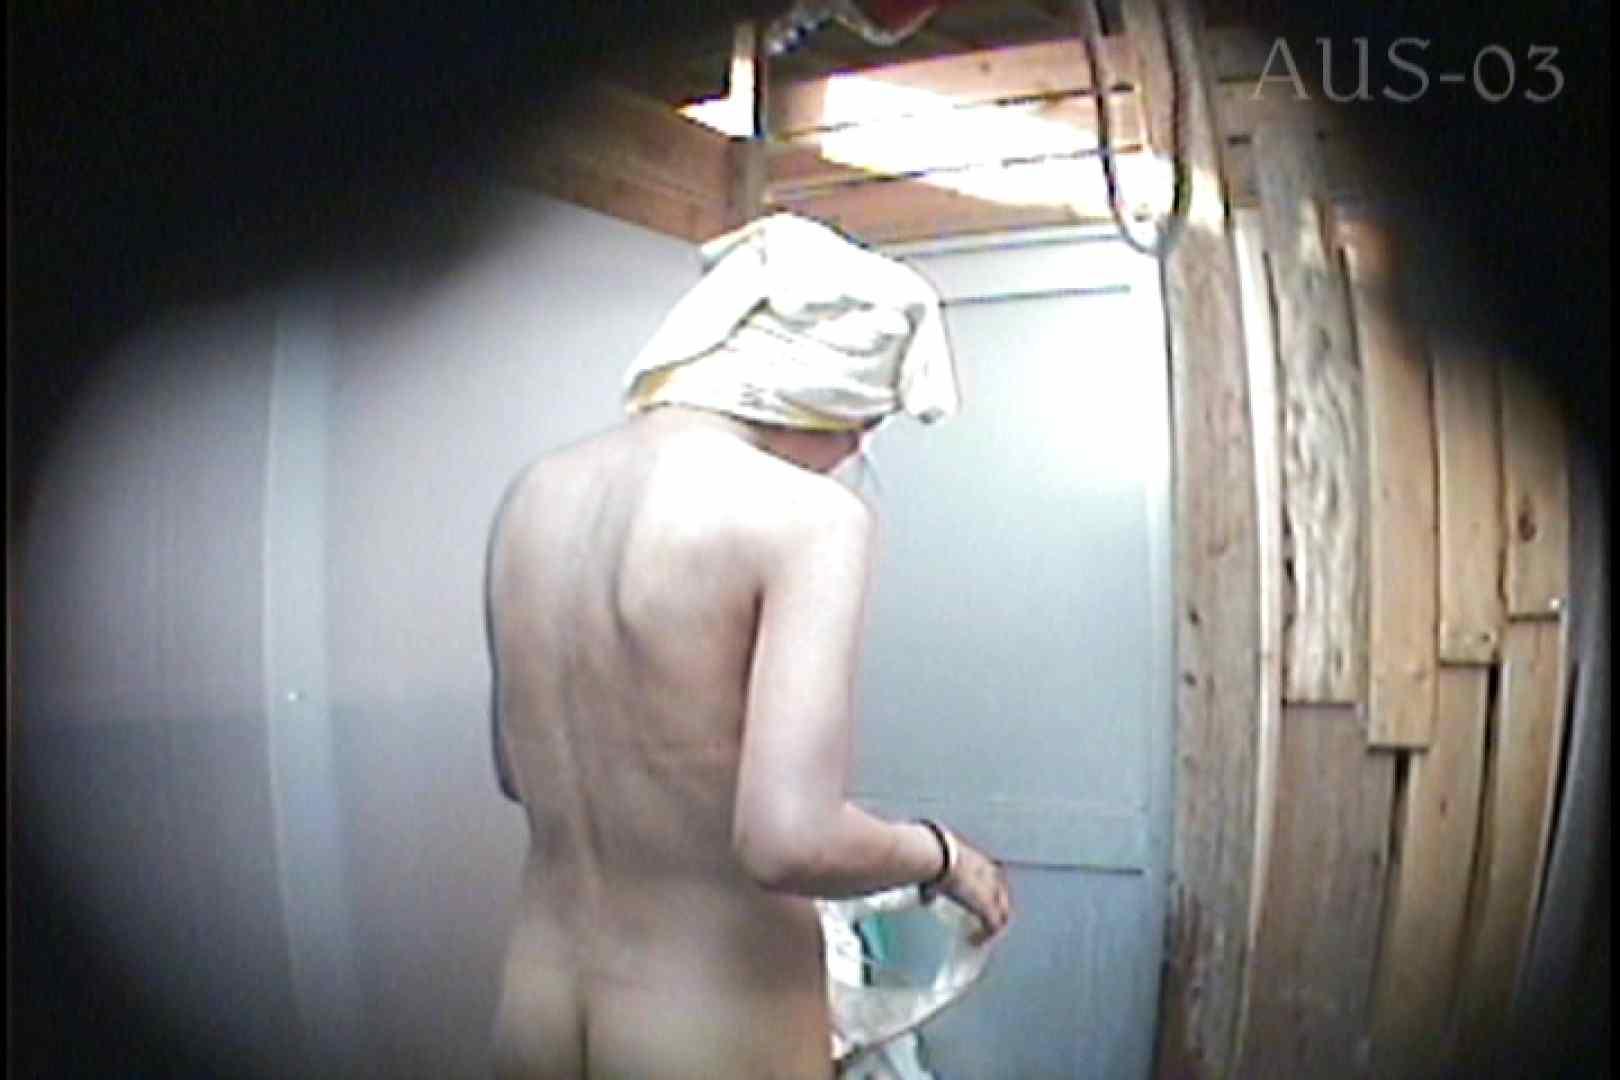 海の家の更衣室 Vol.10 シャワー室  76画像 66